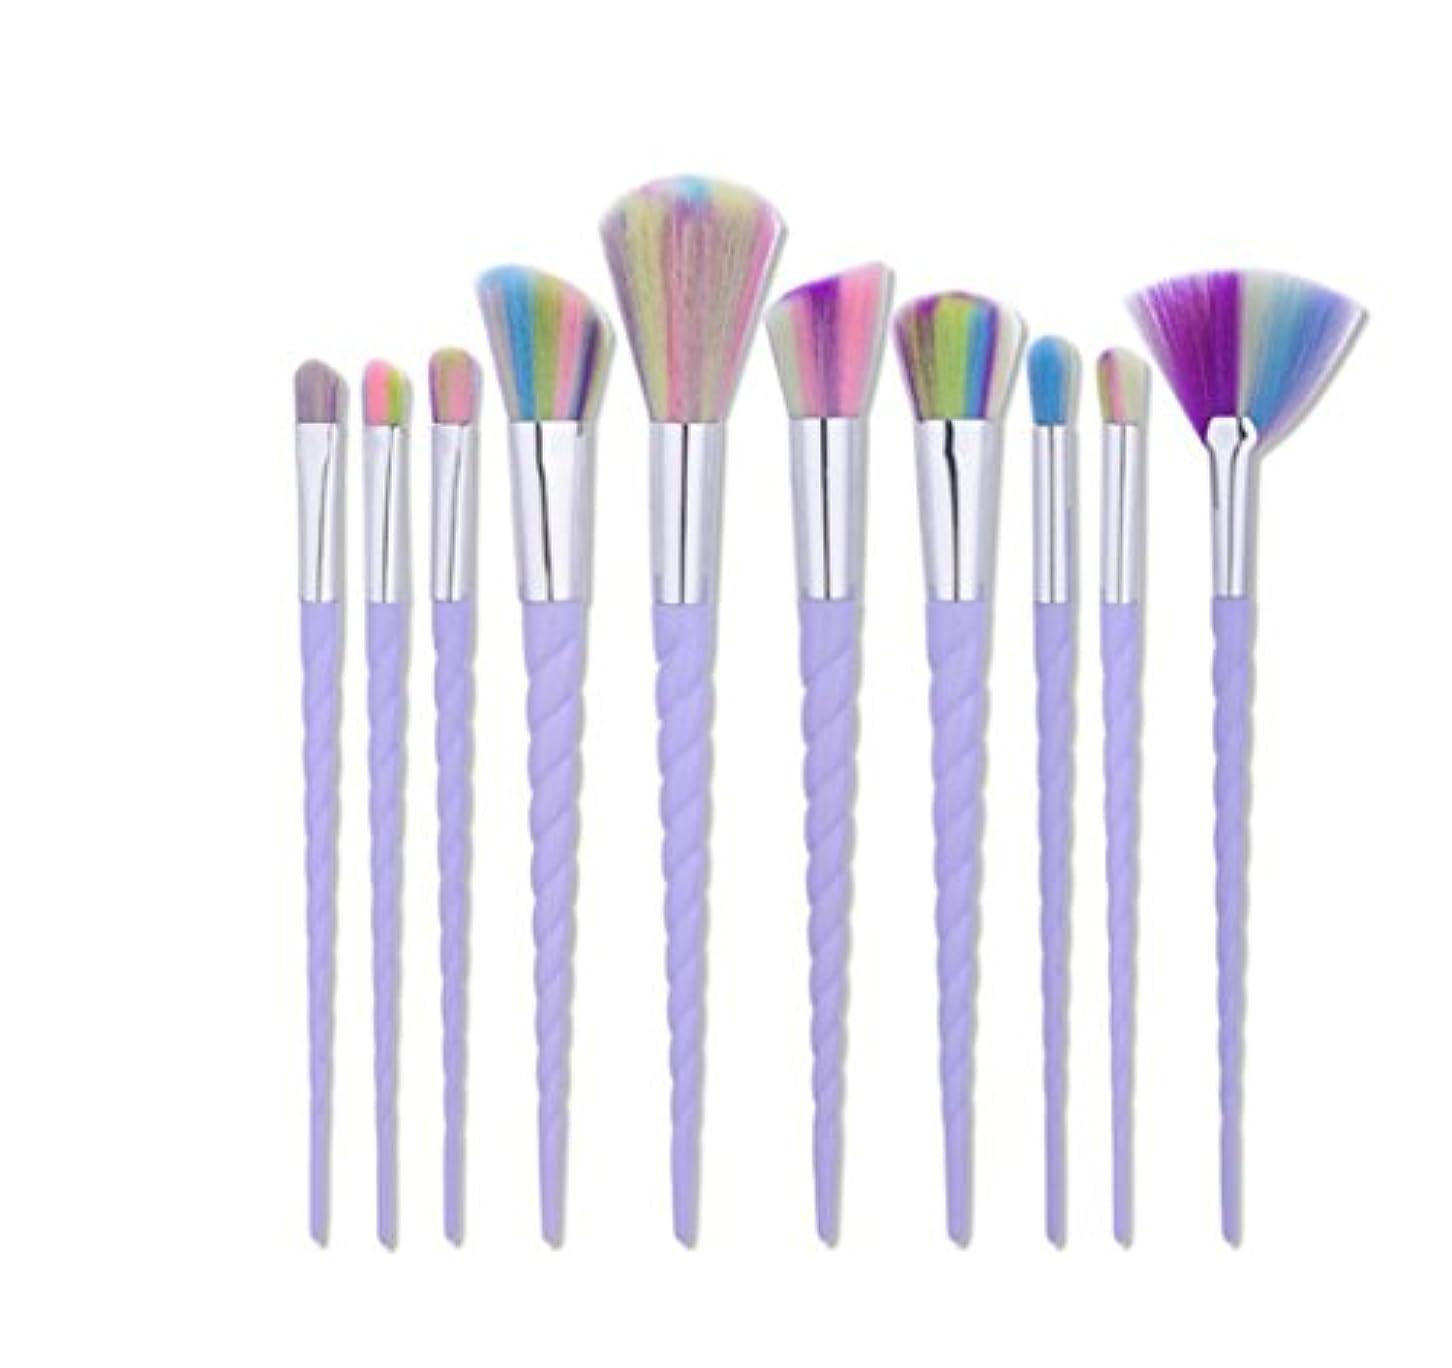 認証聞くフリッパーDilla Beauty 10本セットユニコーンデザインプラスチックハンドル形状メイクブラシセット合成毛ファンデーションブラシアイシャドーブラッシャー美容ツール (ホワイト-4)